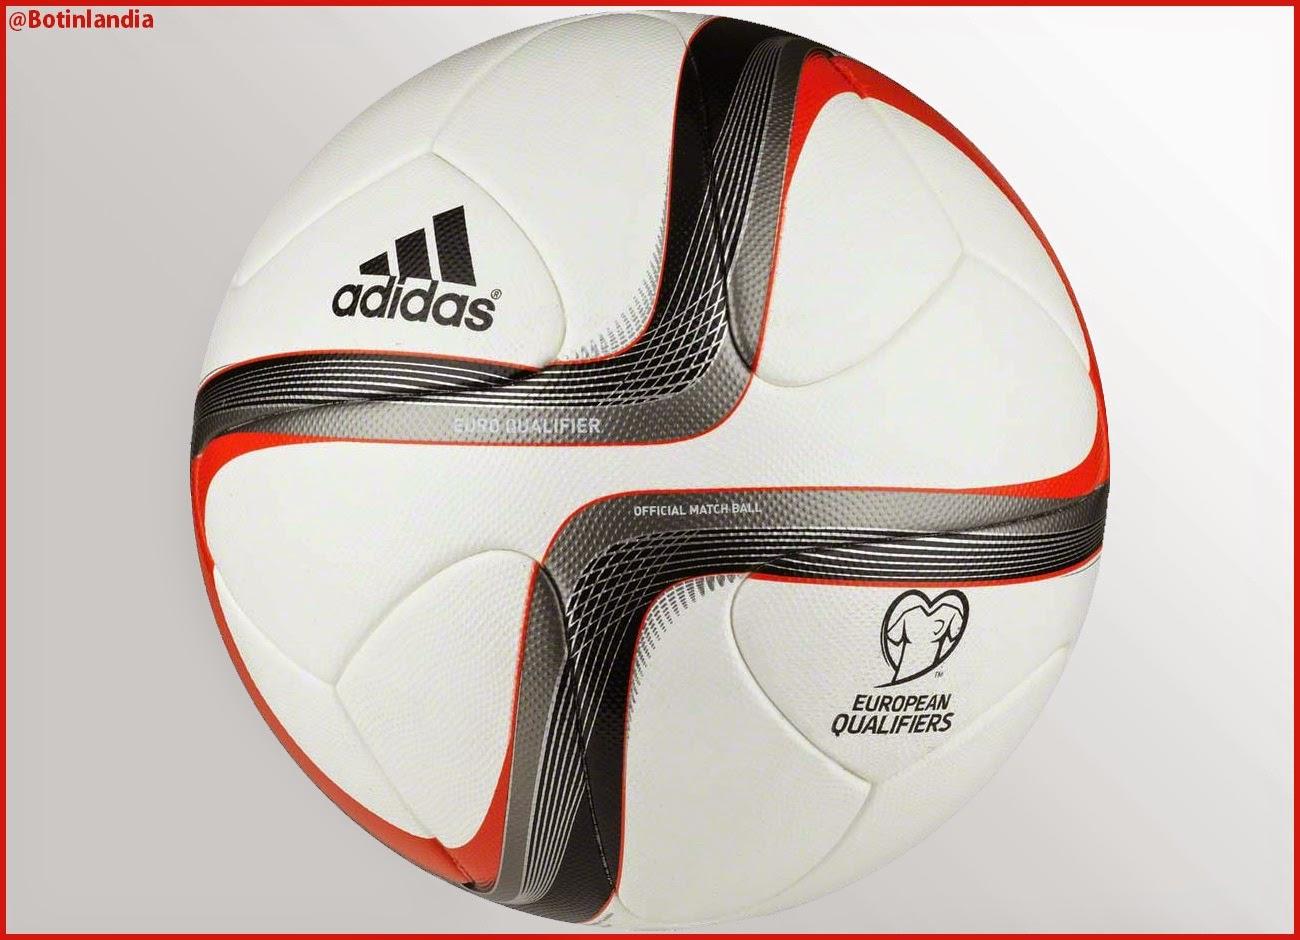 80a51ba7e7e76 Balón adidas para las eliminatorias de Euro 2016. - Dep... en Taringa!